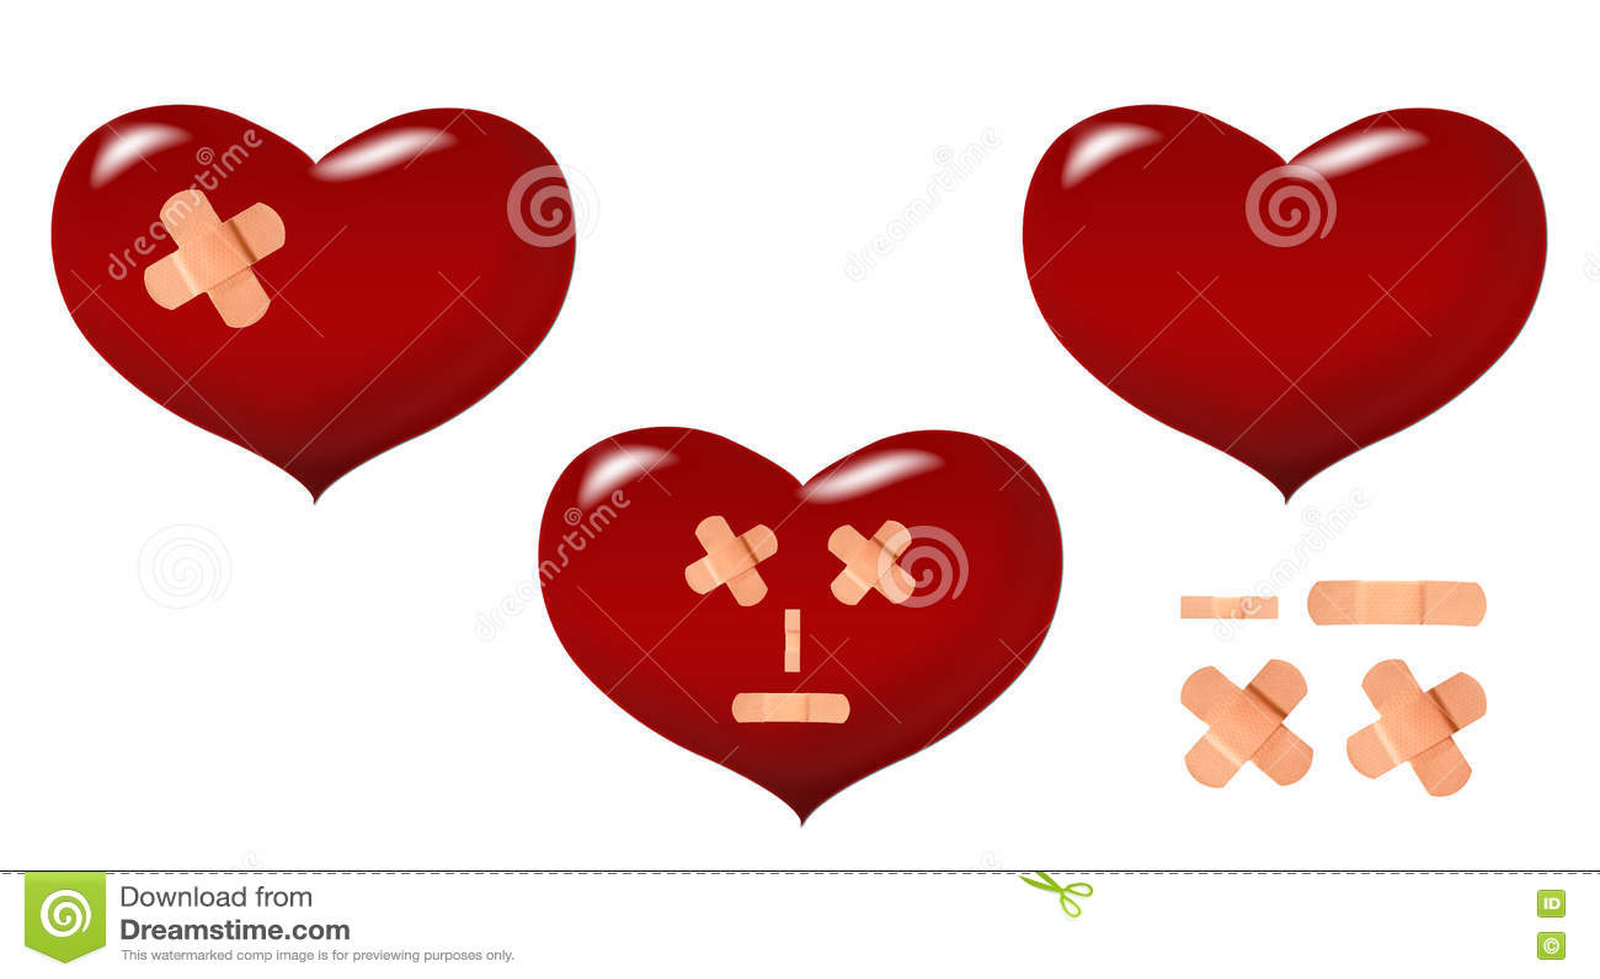 Coeur endommagé